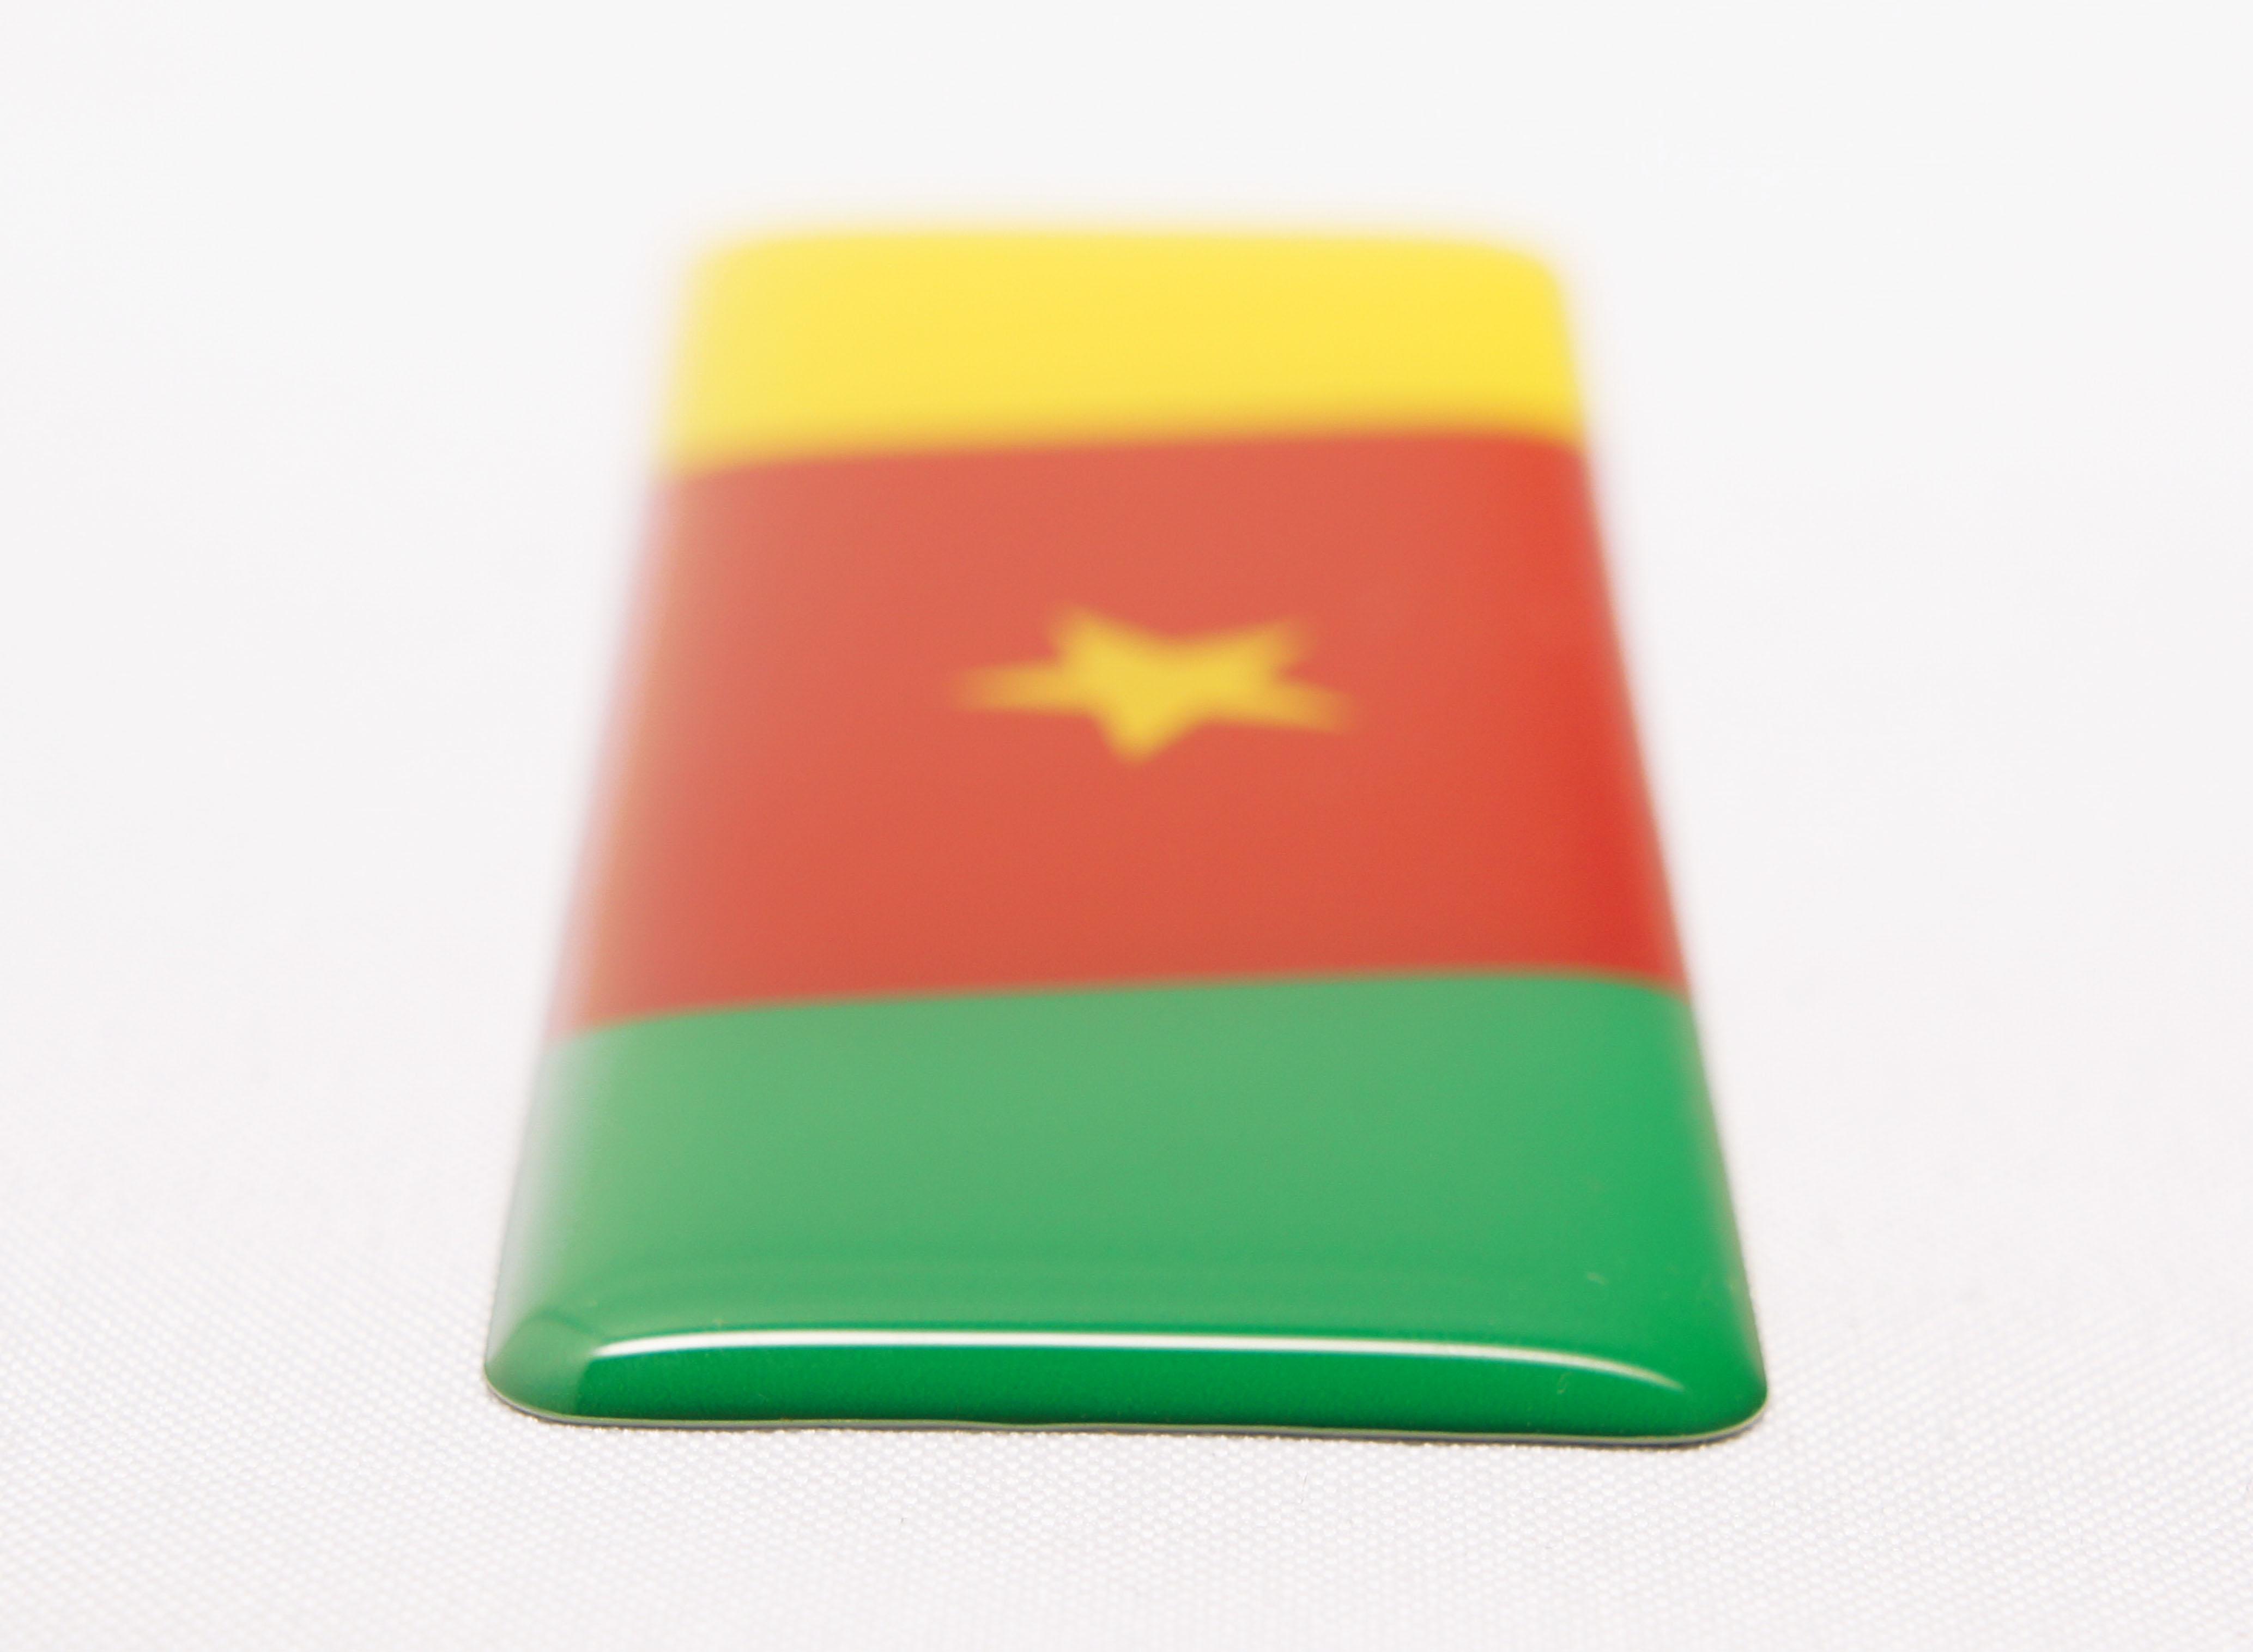 世界の国旗アフリカ地区 厚みイメージ